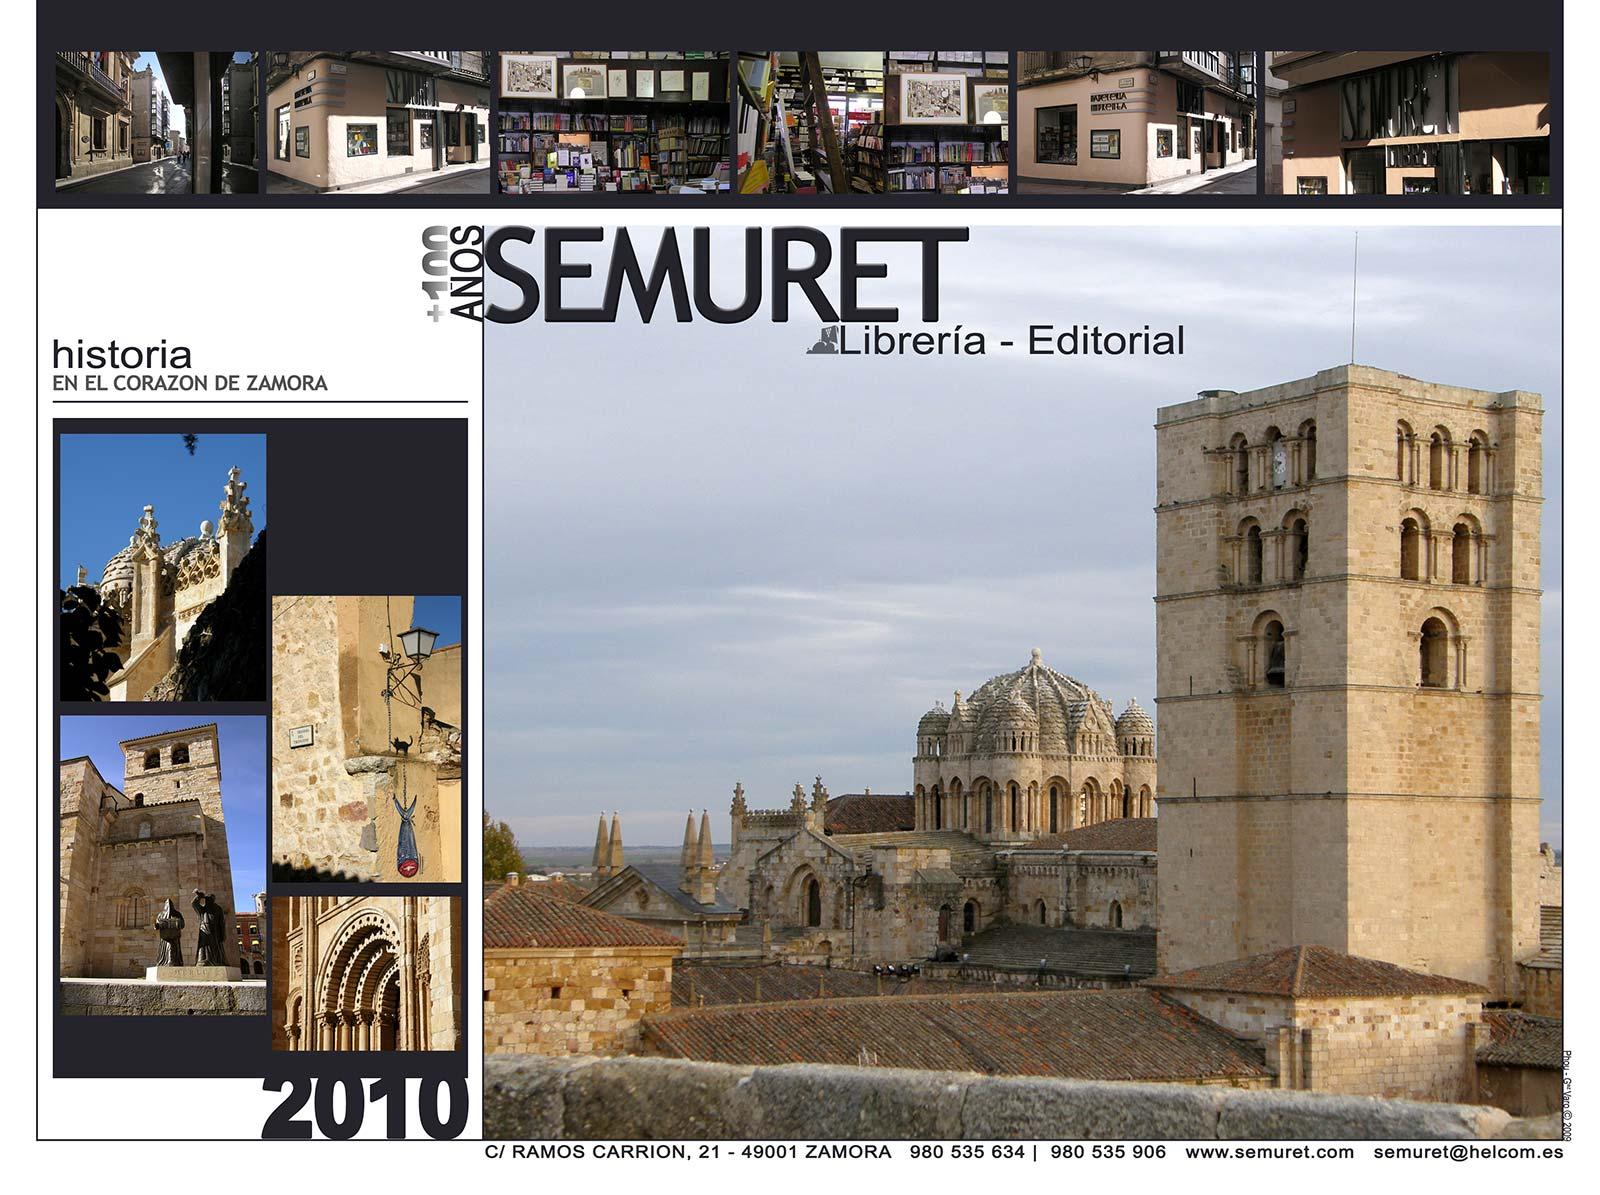 calendario-libreria-semuret-2010